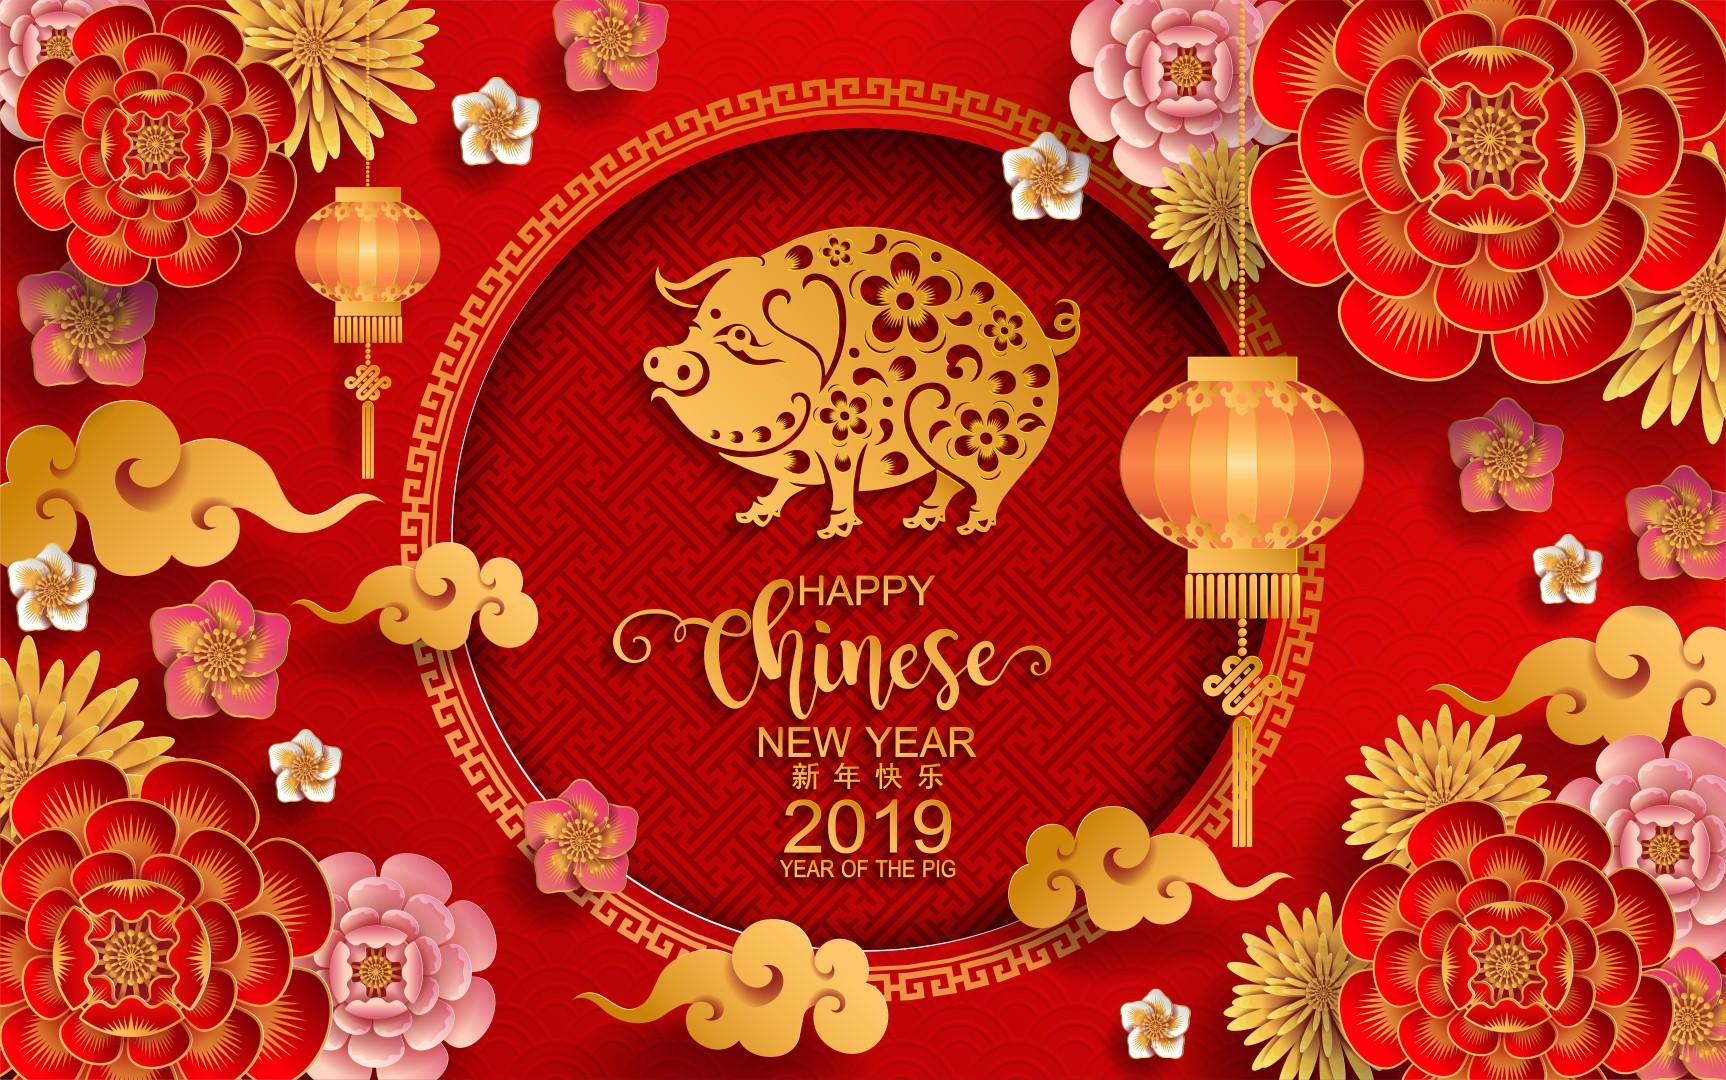 חוגגים שנה סינית חדשה (צילום: shutterstock)